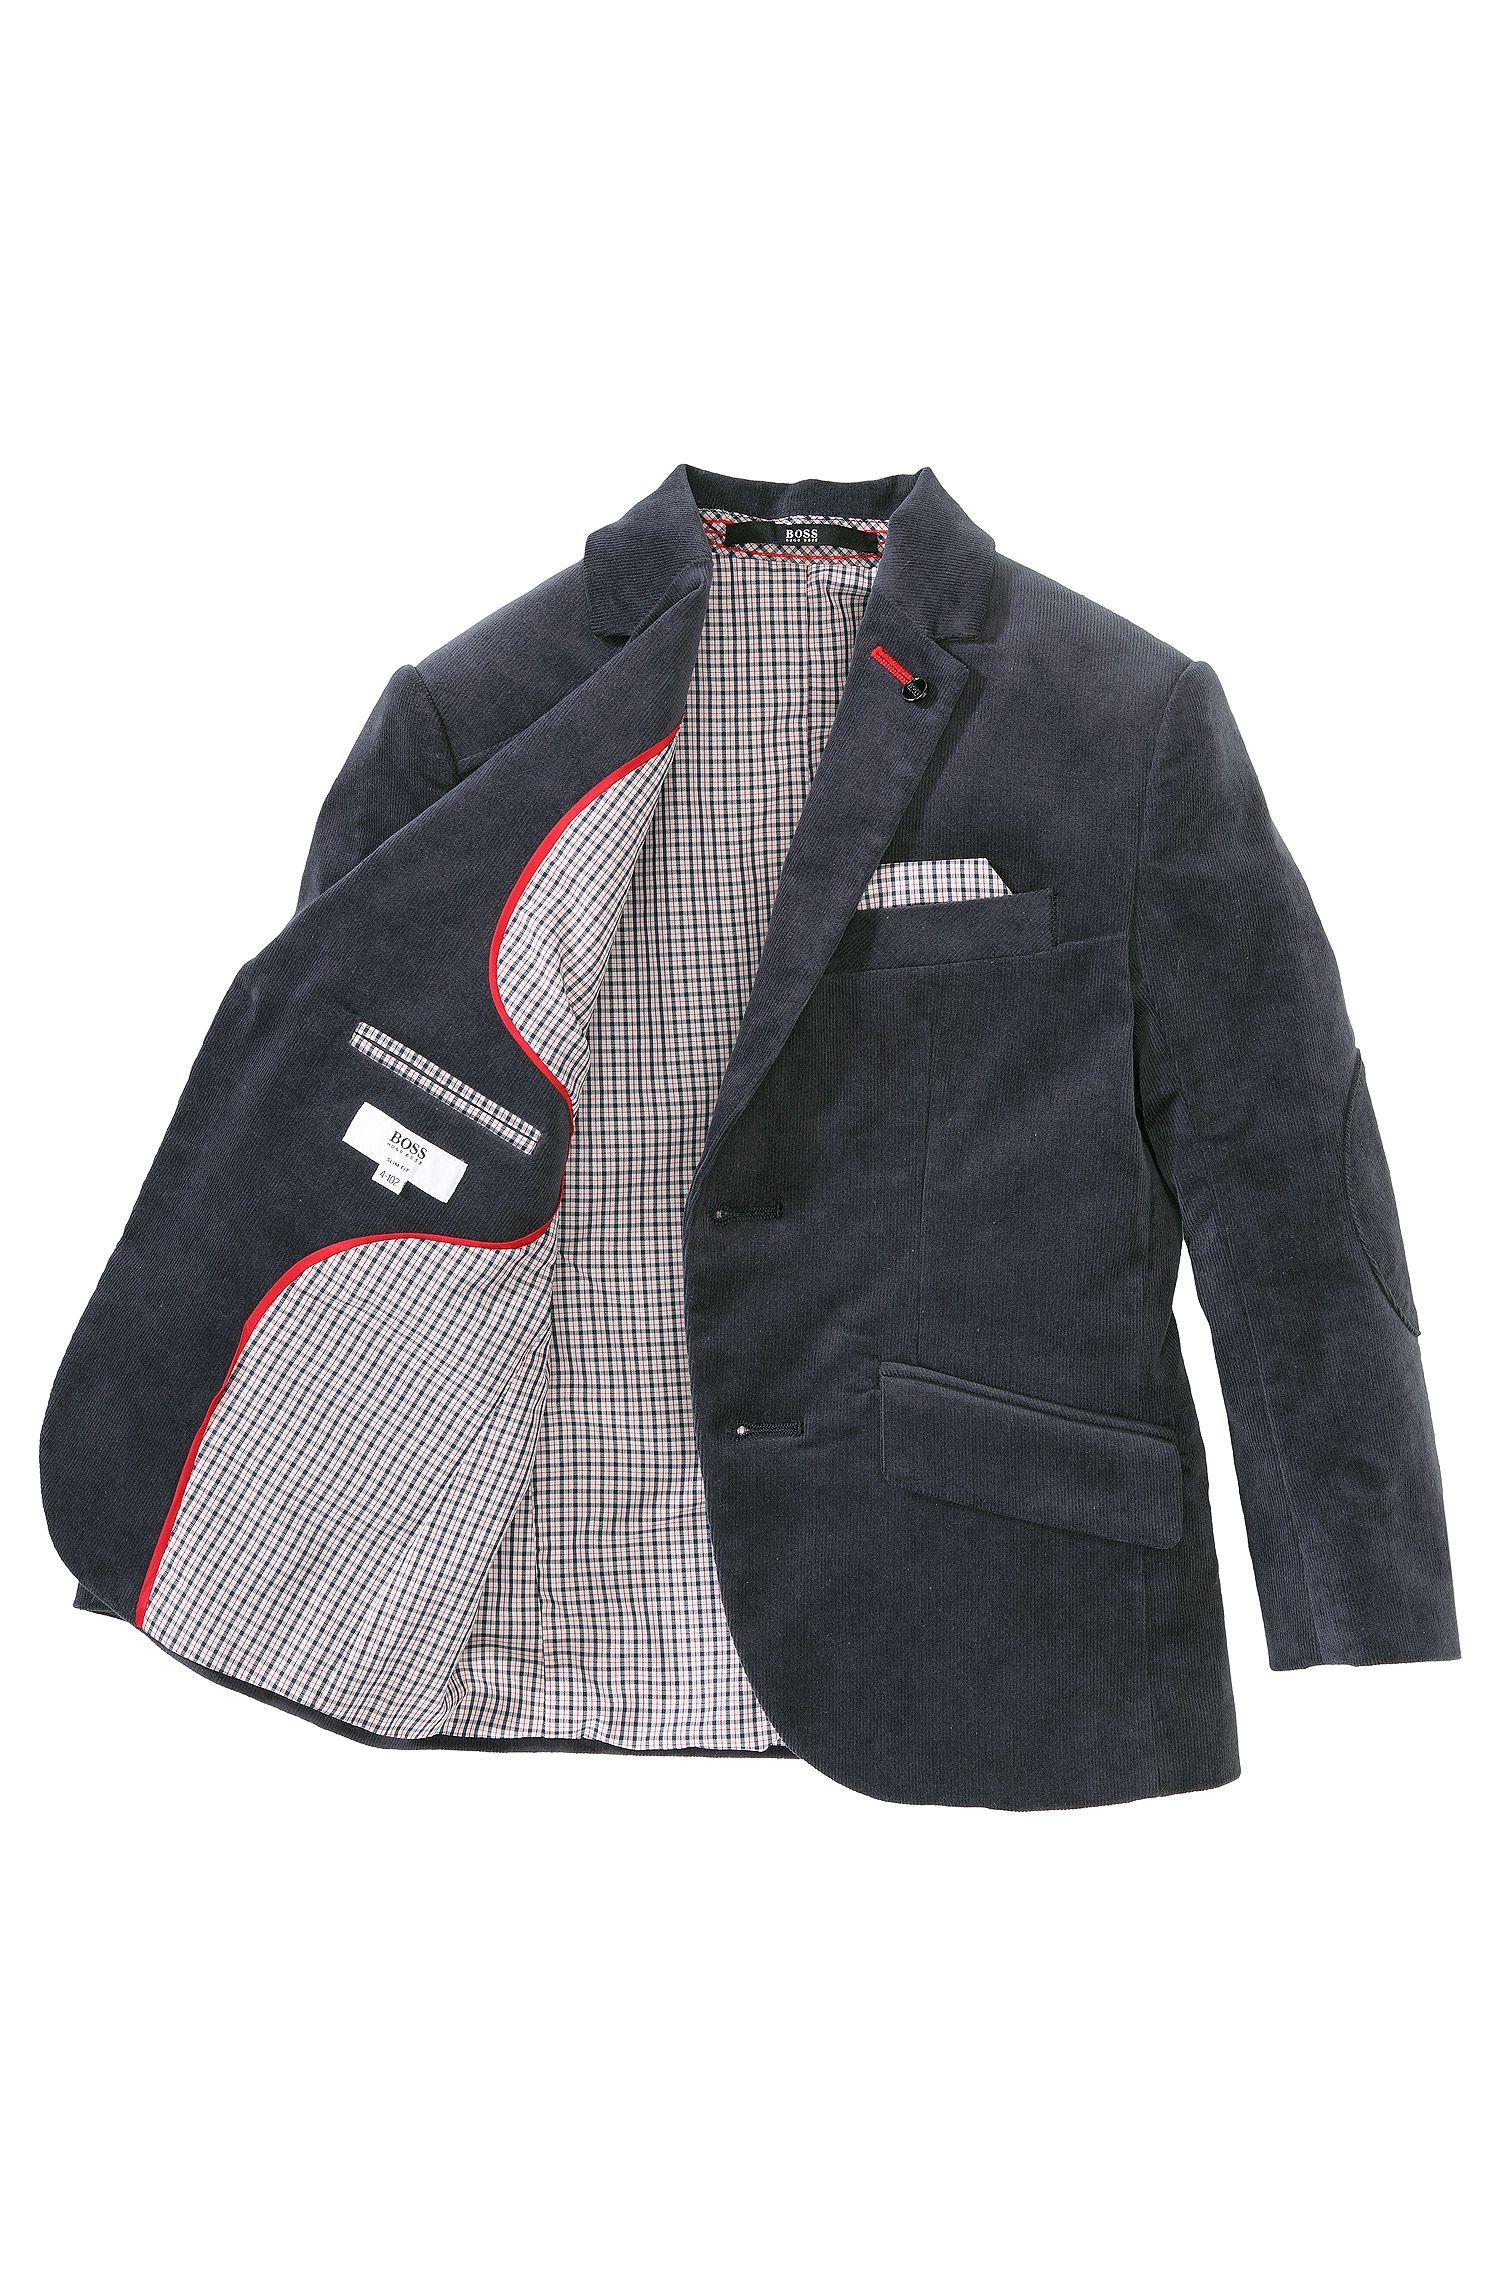 Veste en velours bébé pour enfants «J26211» en coton mélangé